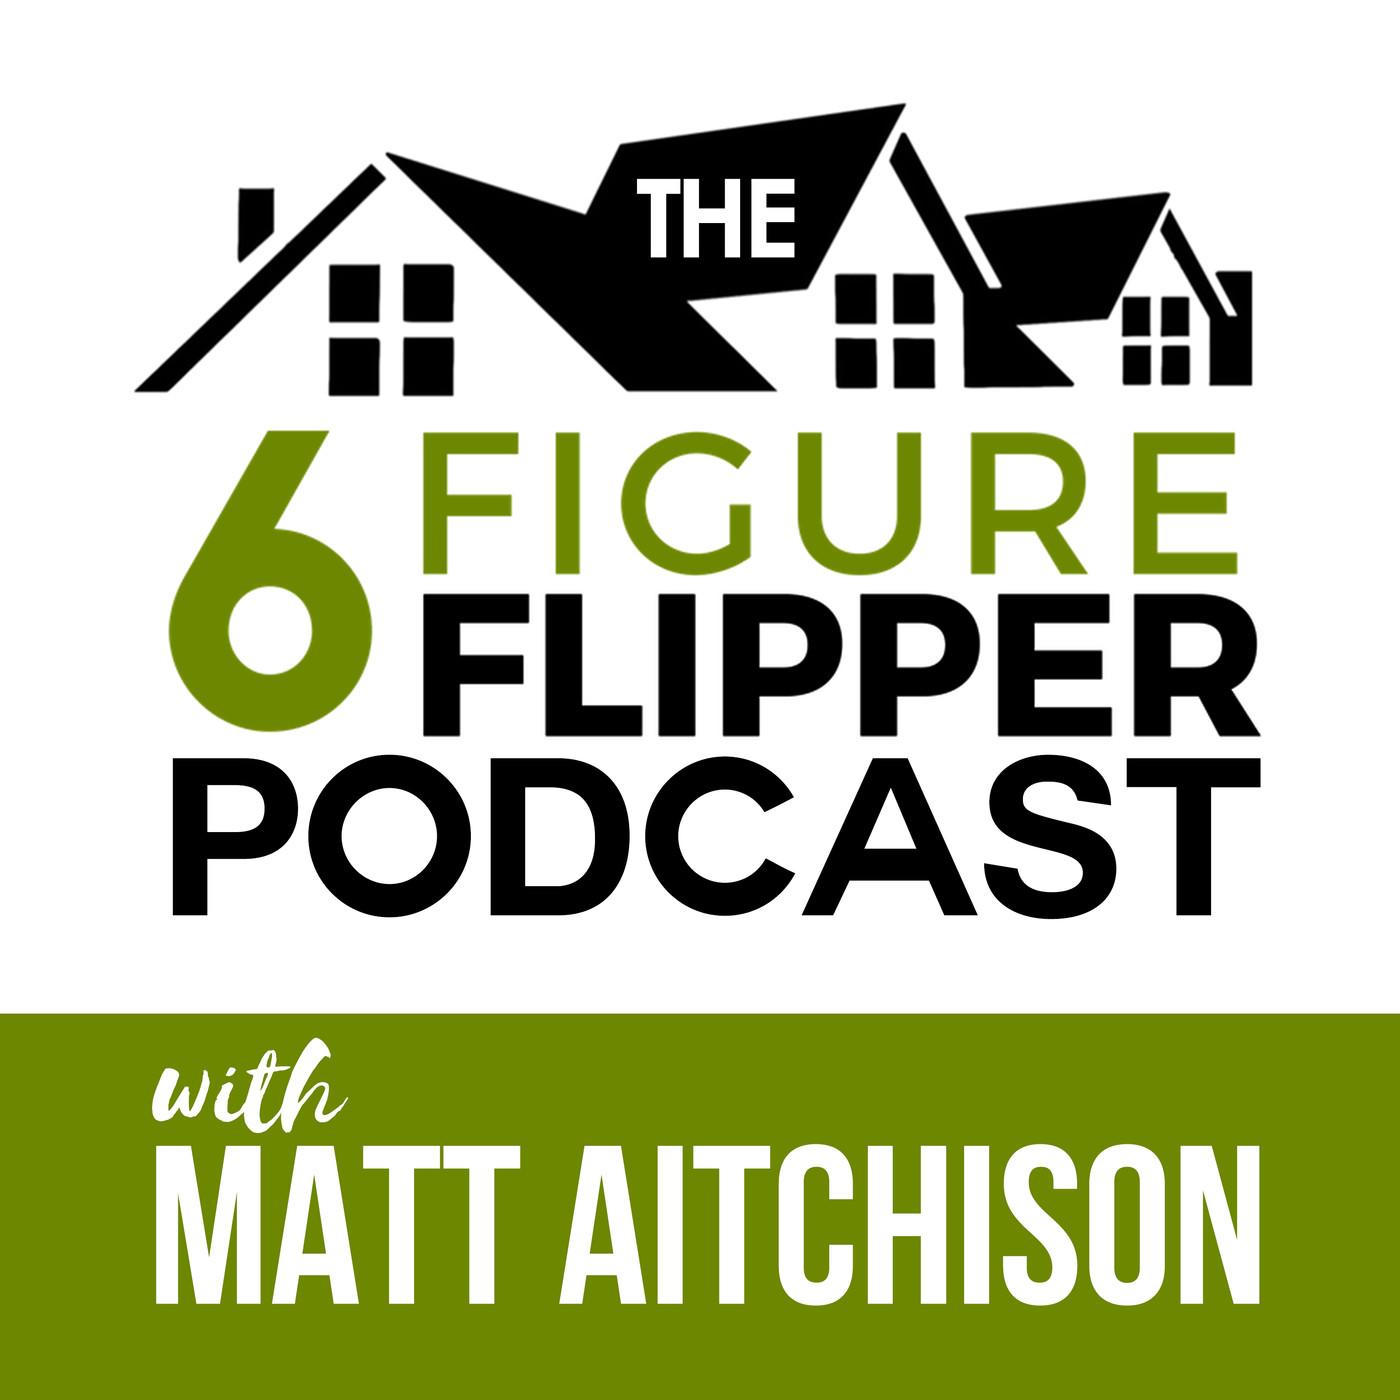 The 6 Figure Flipper With Matt